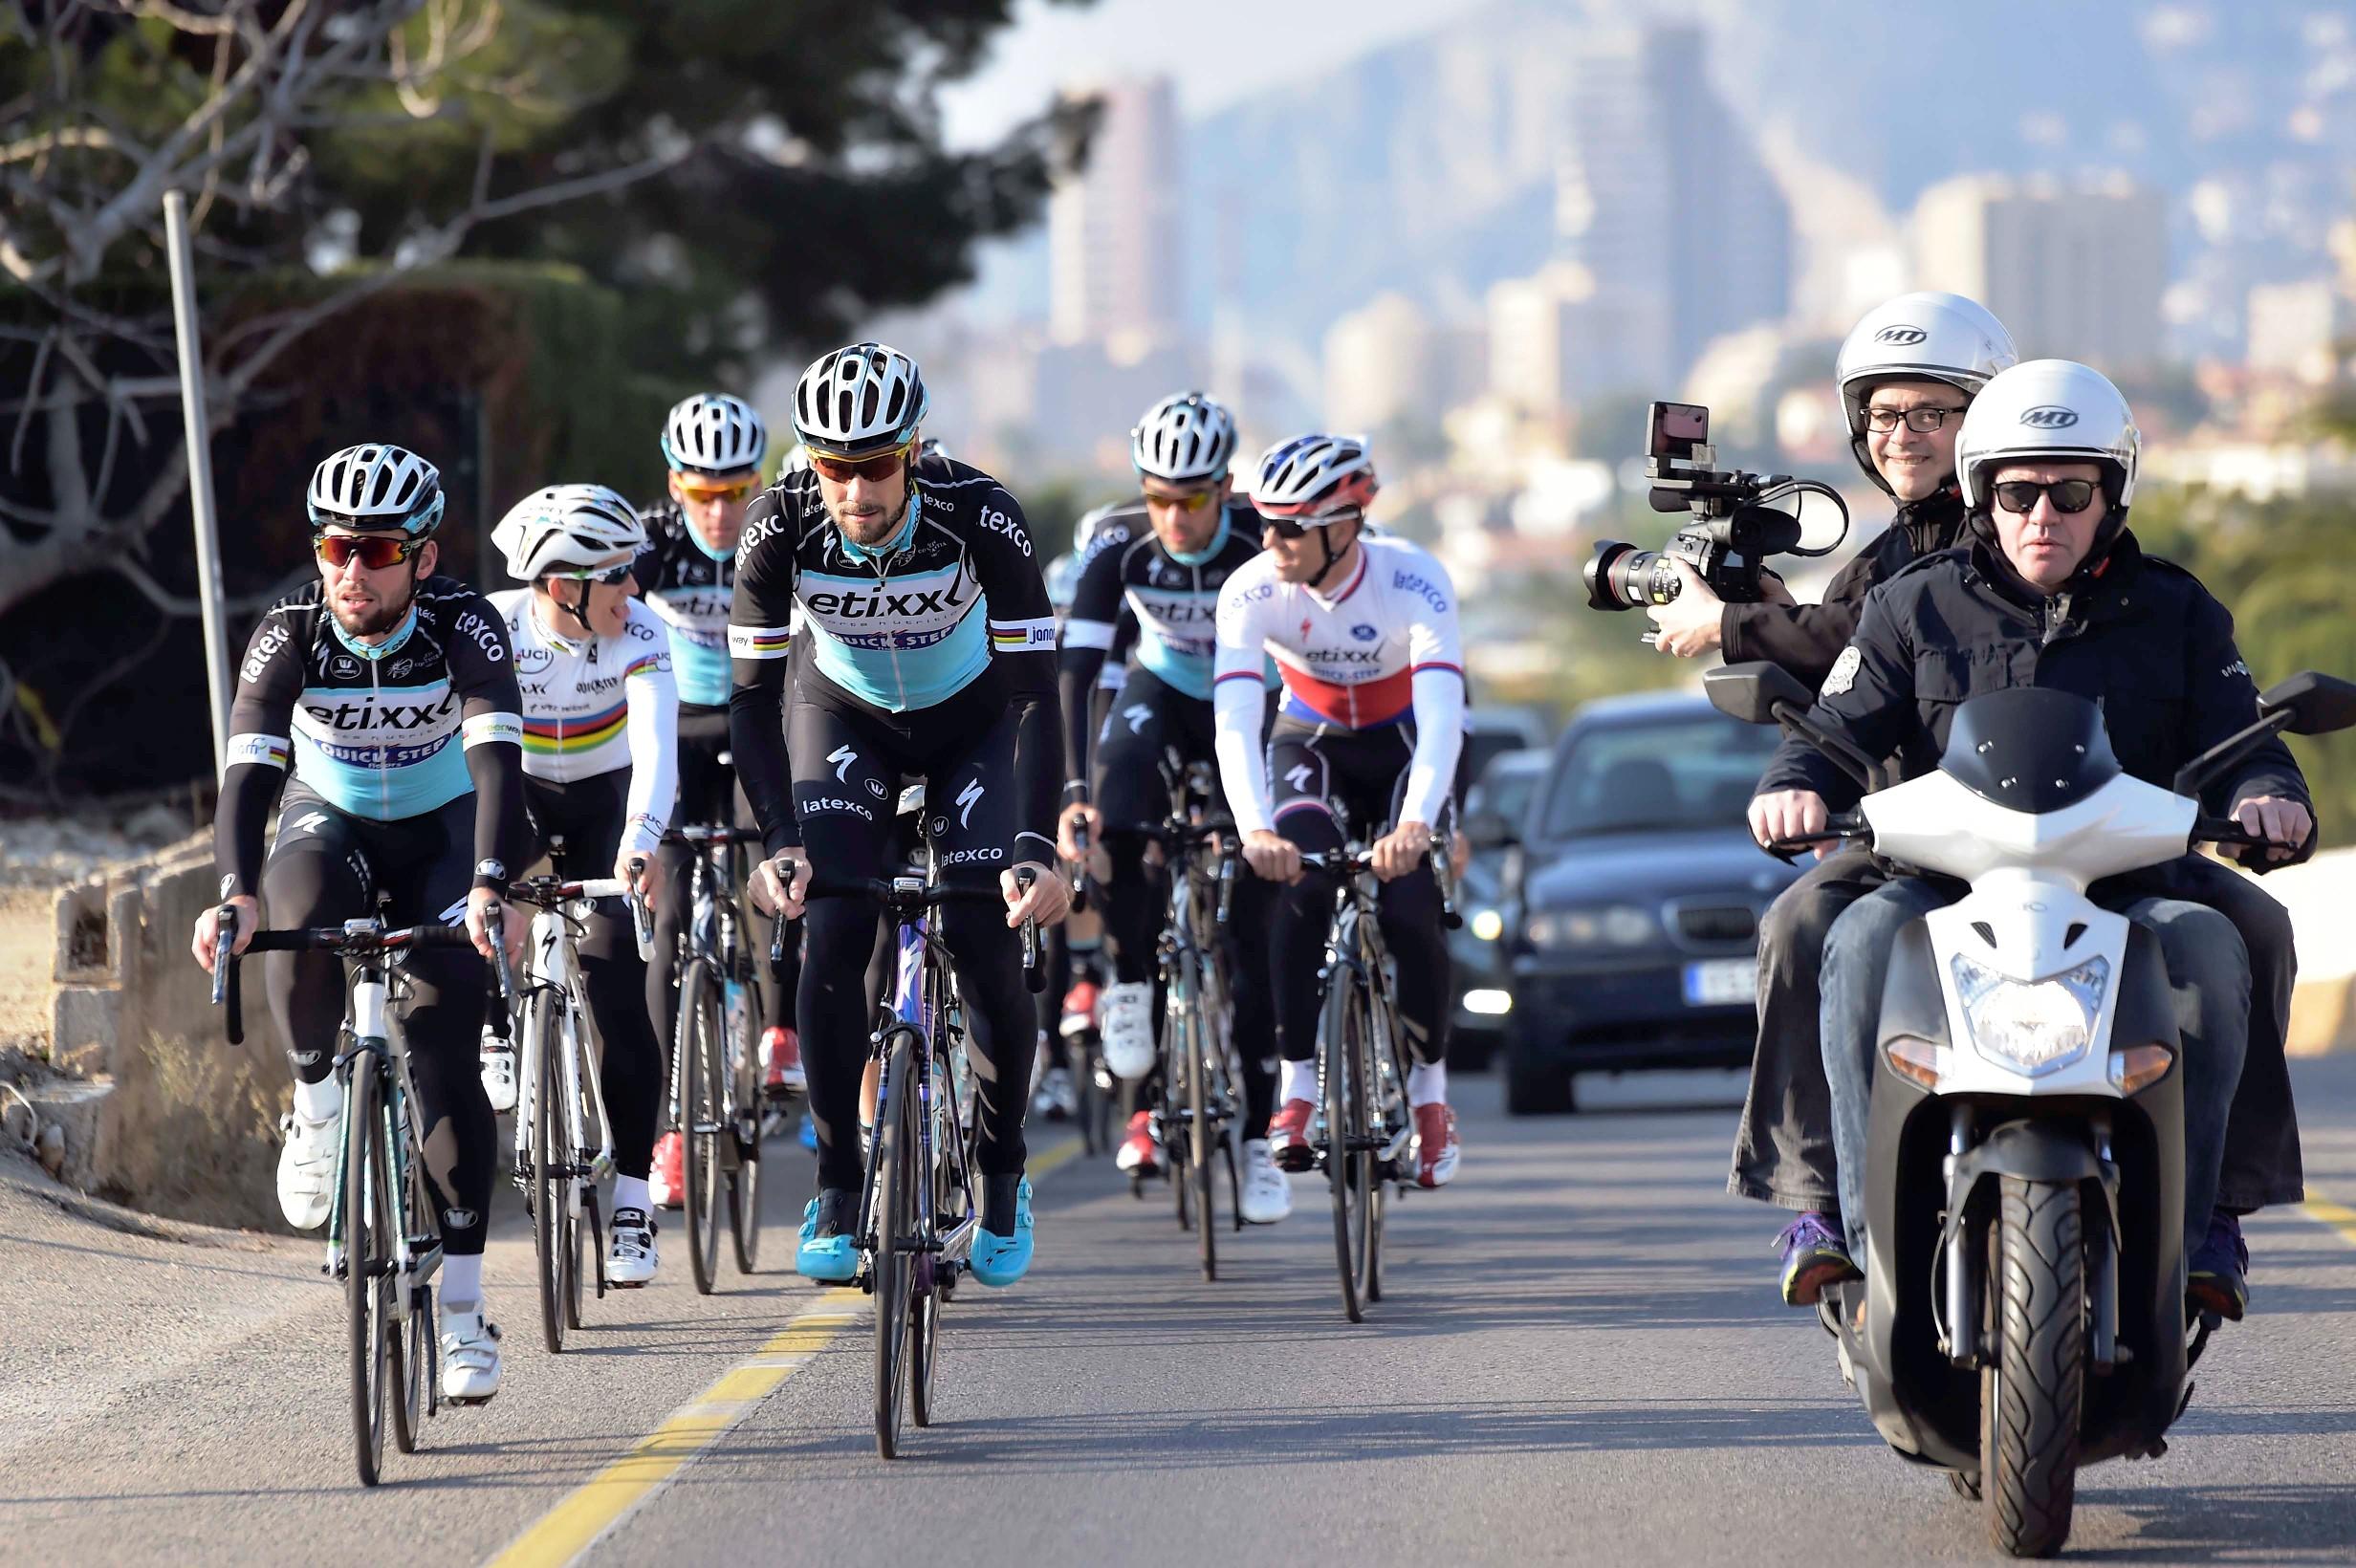 Mark Cavendish hofft in der kommenden Saison viele Sprintsiege einfahren zu können. (Foto: Etixx-Quickstep/Tim de Waele)